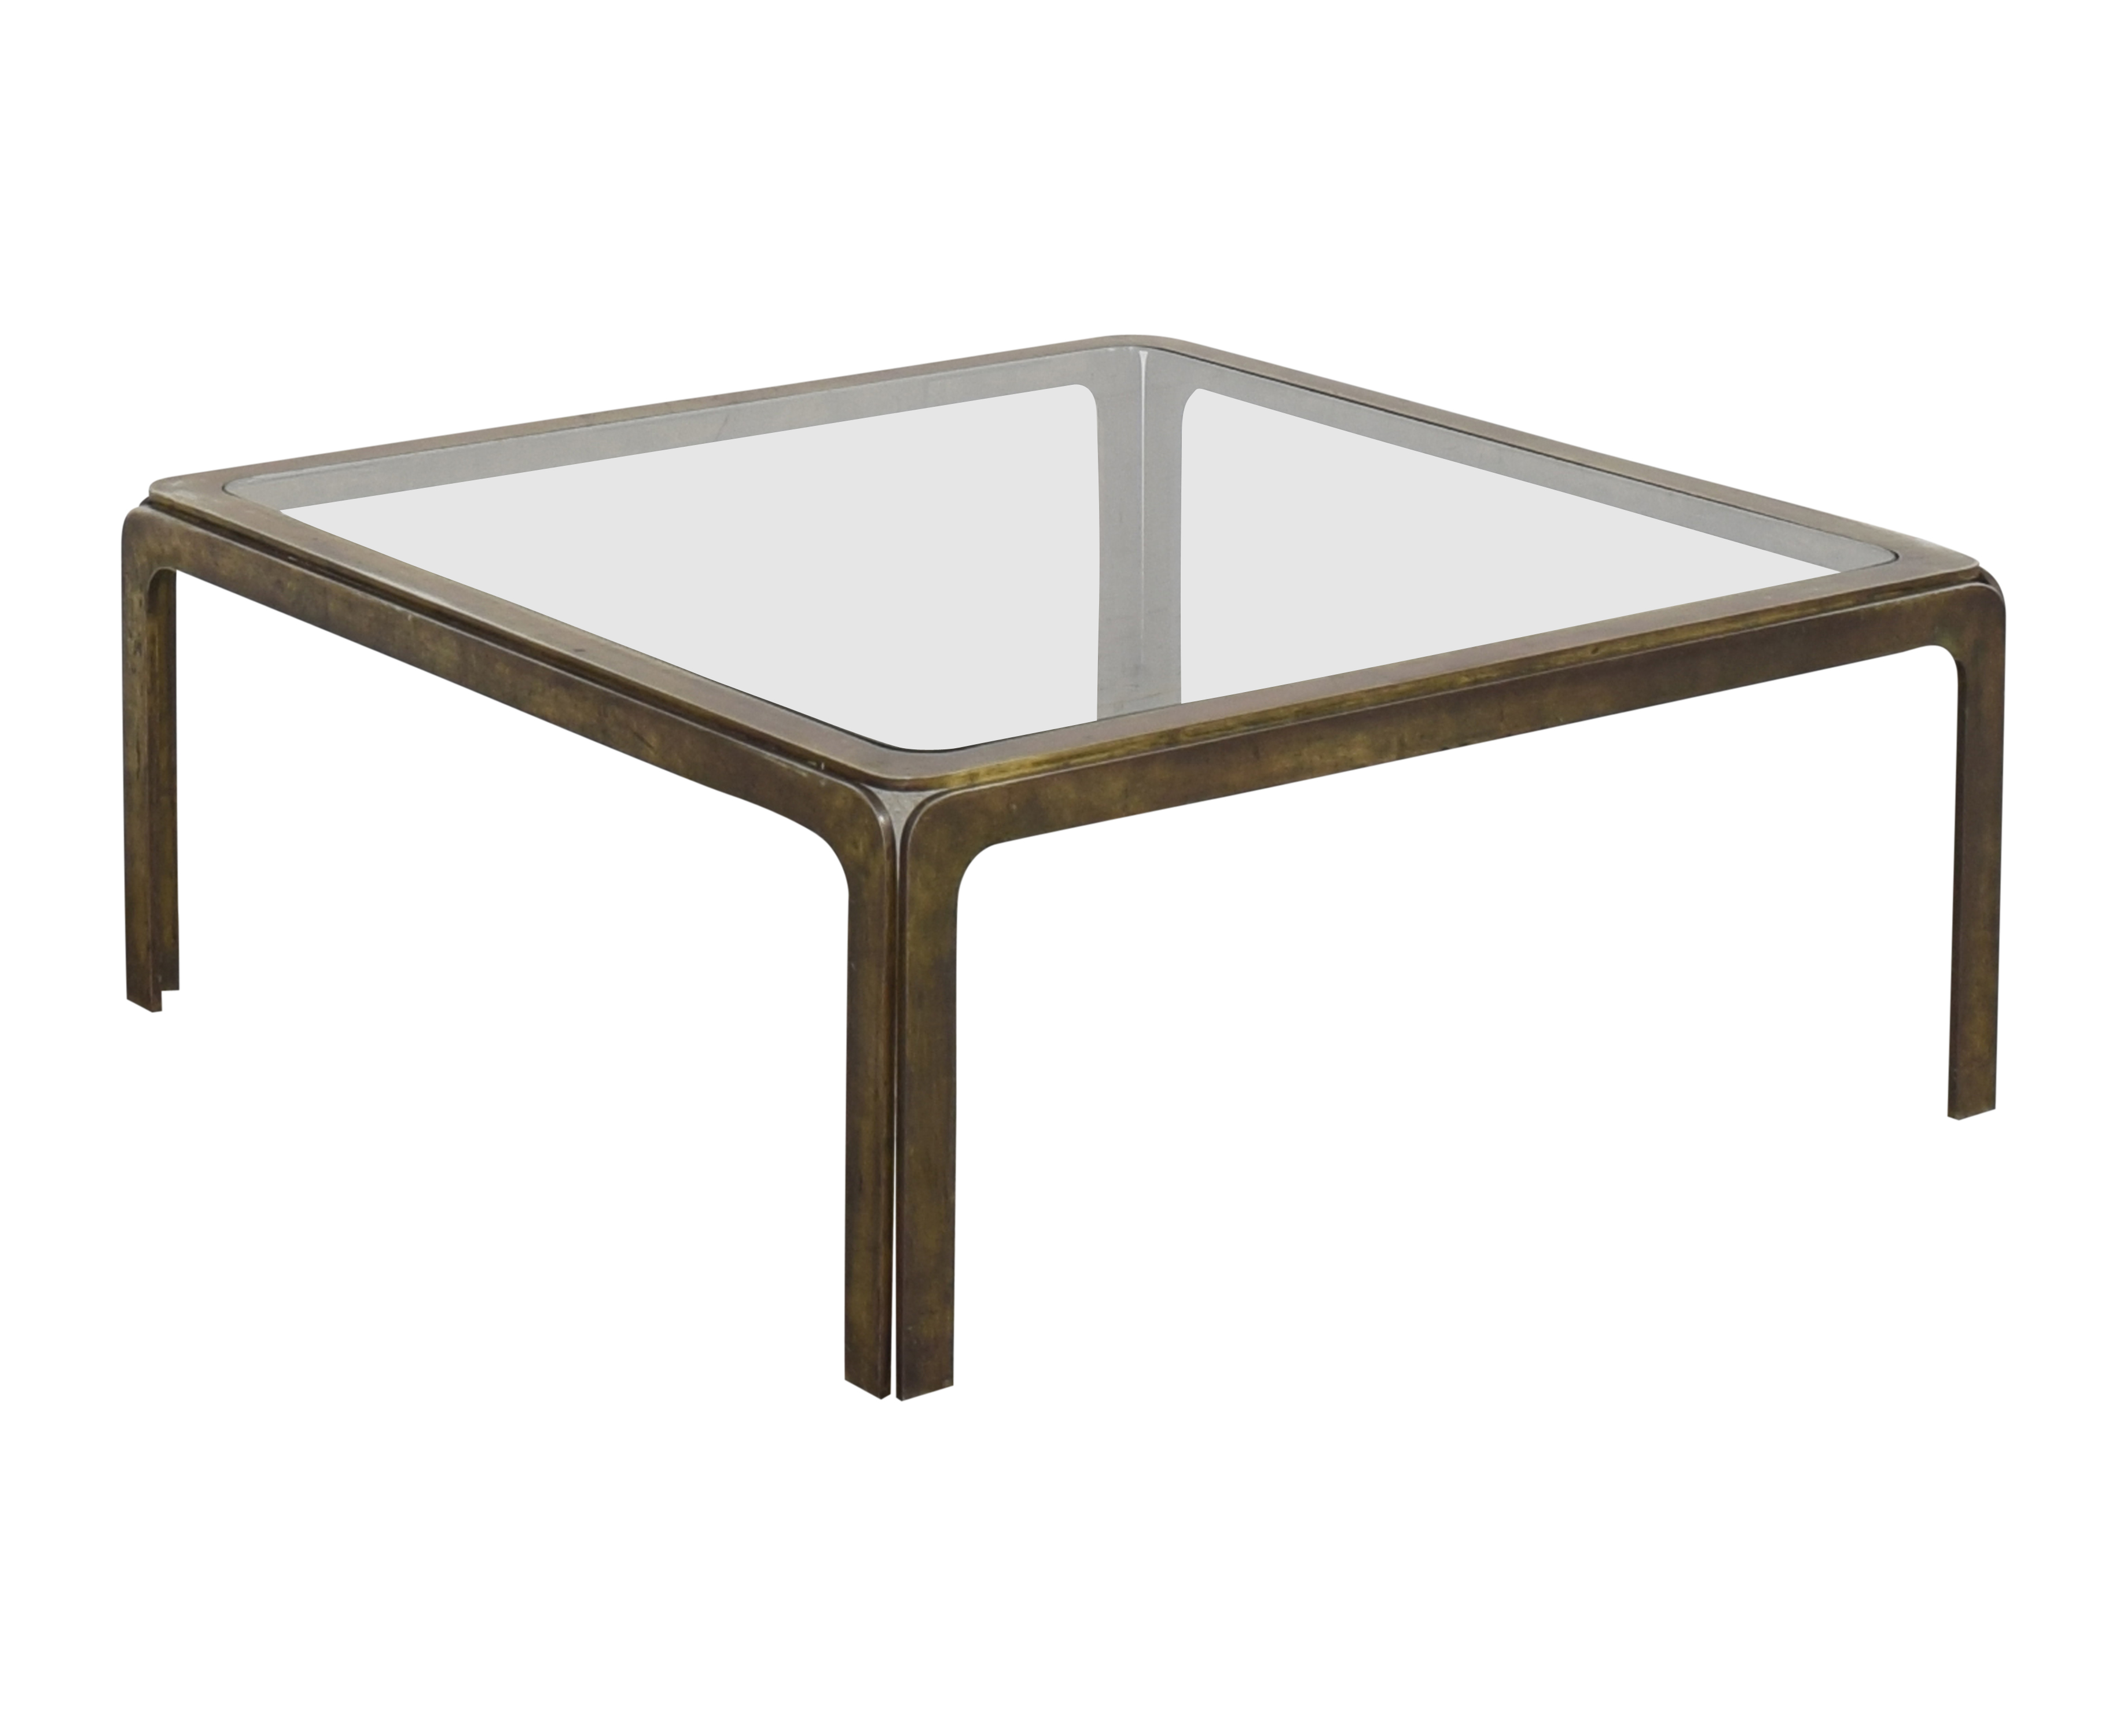 John Stuart Inc. John Stuart Inc. Square Coffee Table dimensions